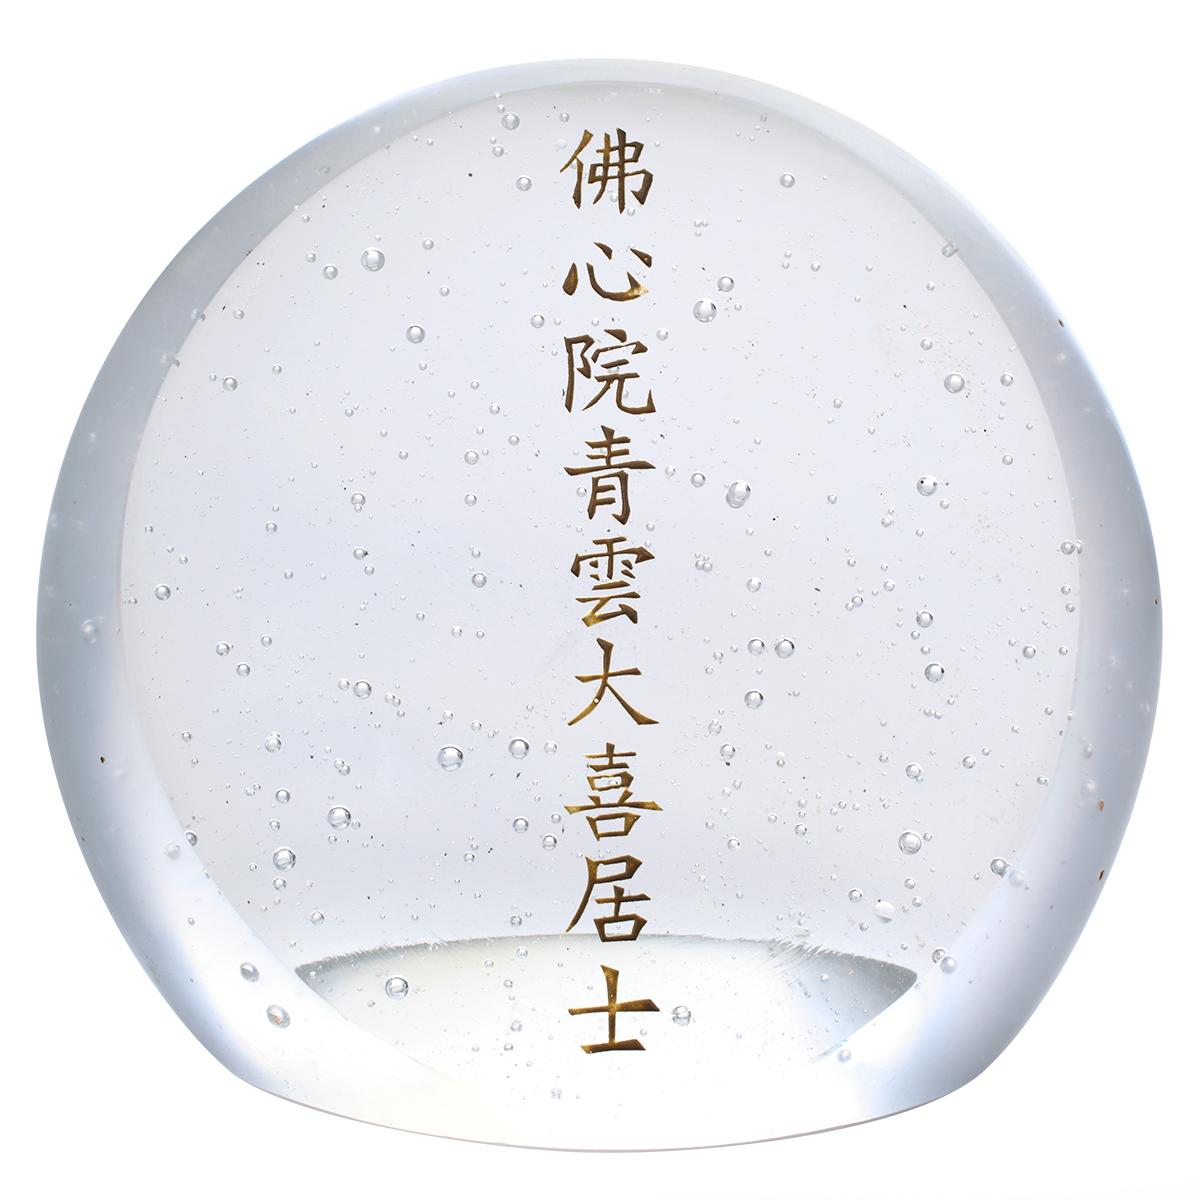 INORIISHI -祈りいし- Hタイプのサムネイル